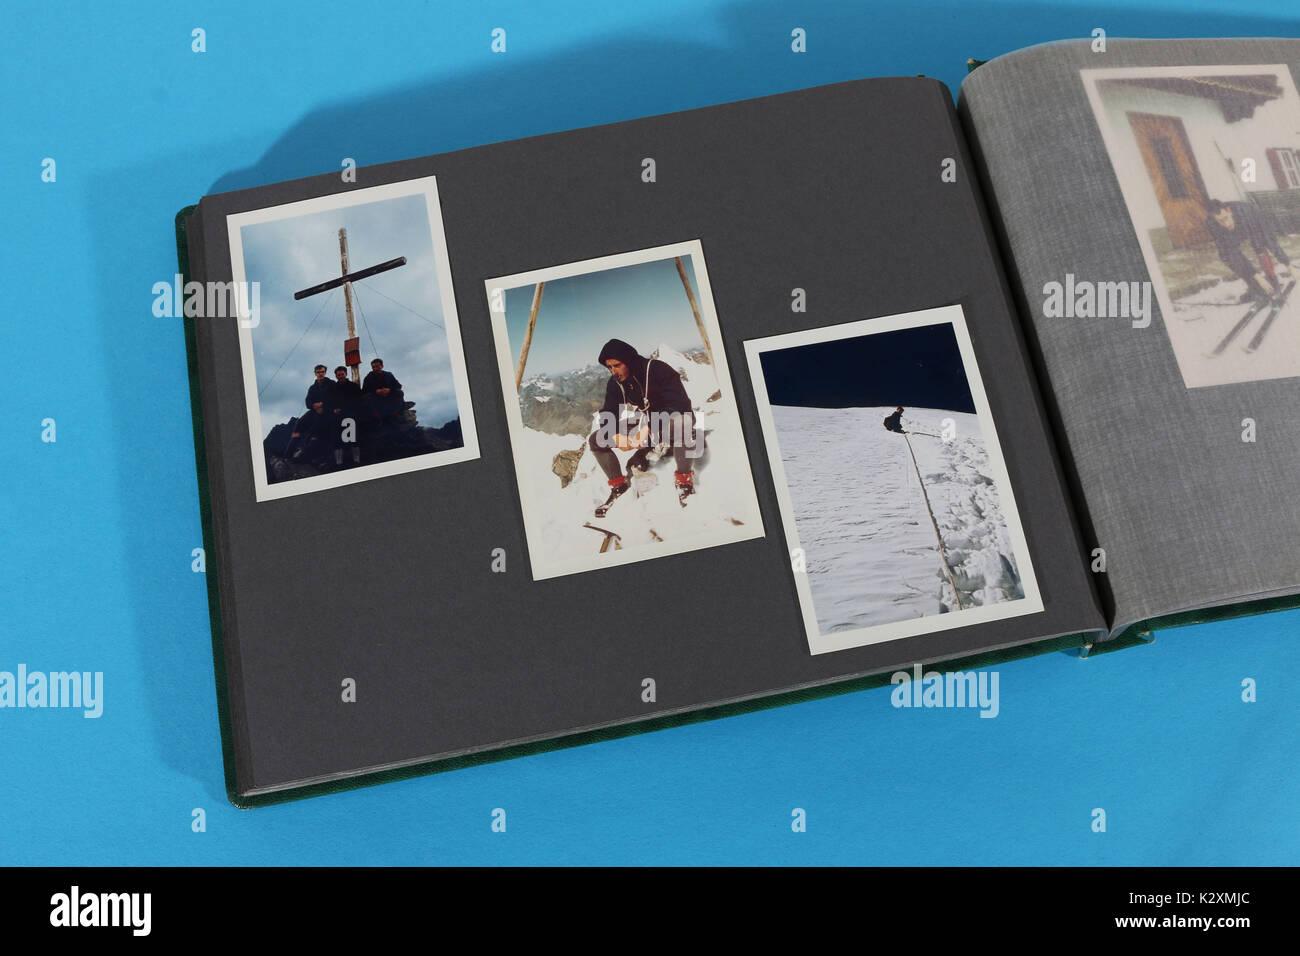 Fotoalbum, Foto, fotografieren, Album, historisch, Bergsteigen - Stock Image